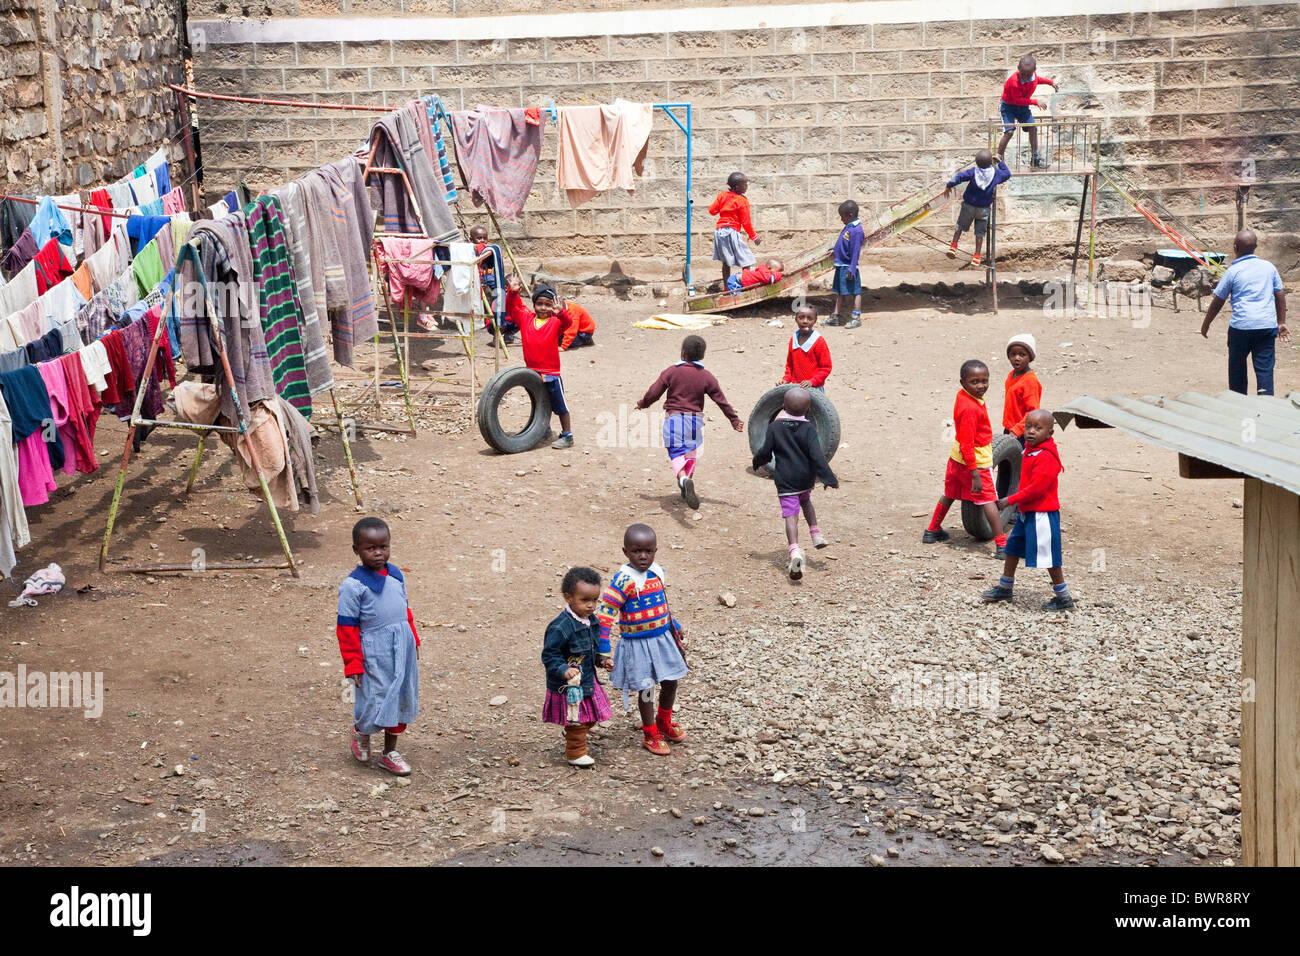 Daycare and headstart school playground, Maji Mazuri Children's Centre, Nairobi, Kenya Stock Photo